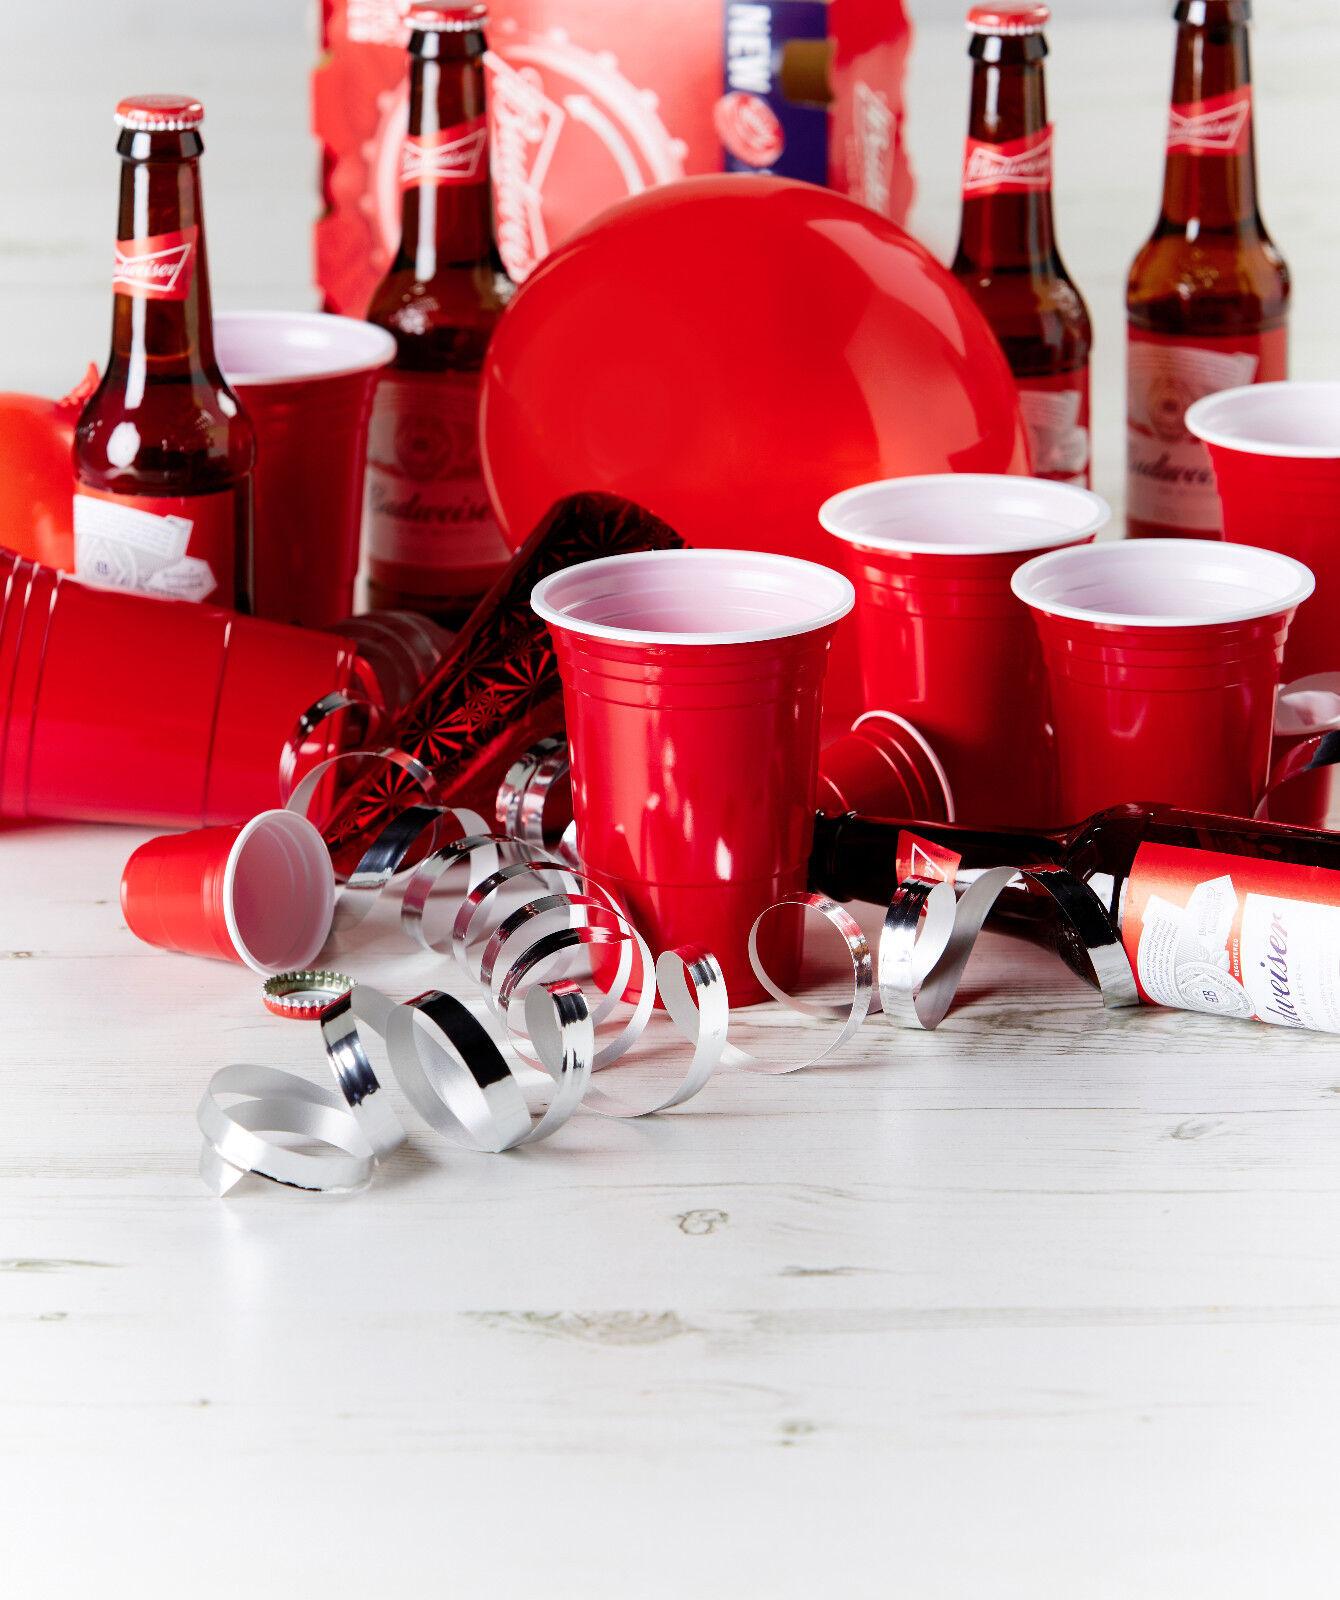 Amercian rouge oz plastique rouge Amercian partie cups (Bière Pong) jetables 50/100 / 1000 d0bb13